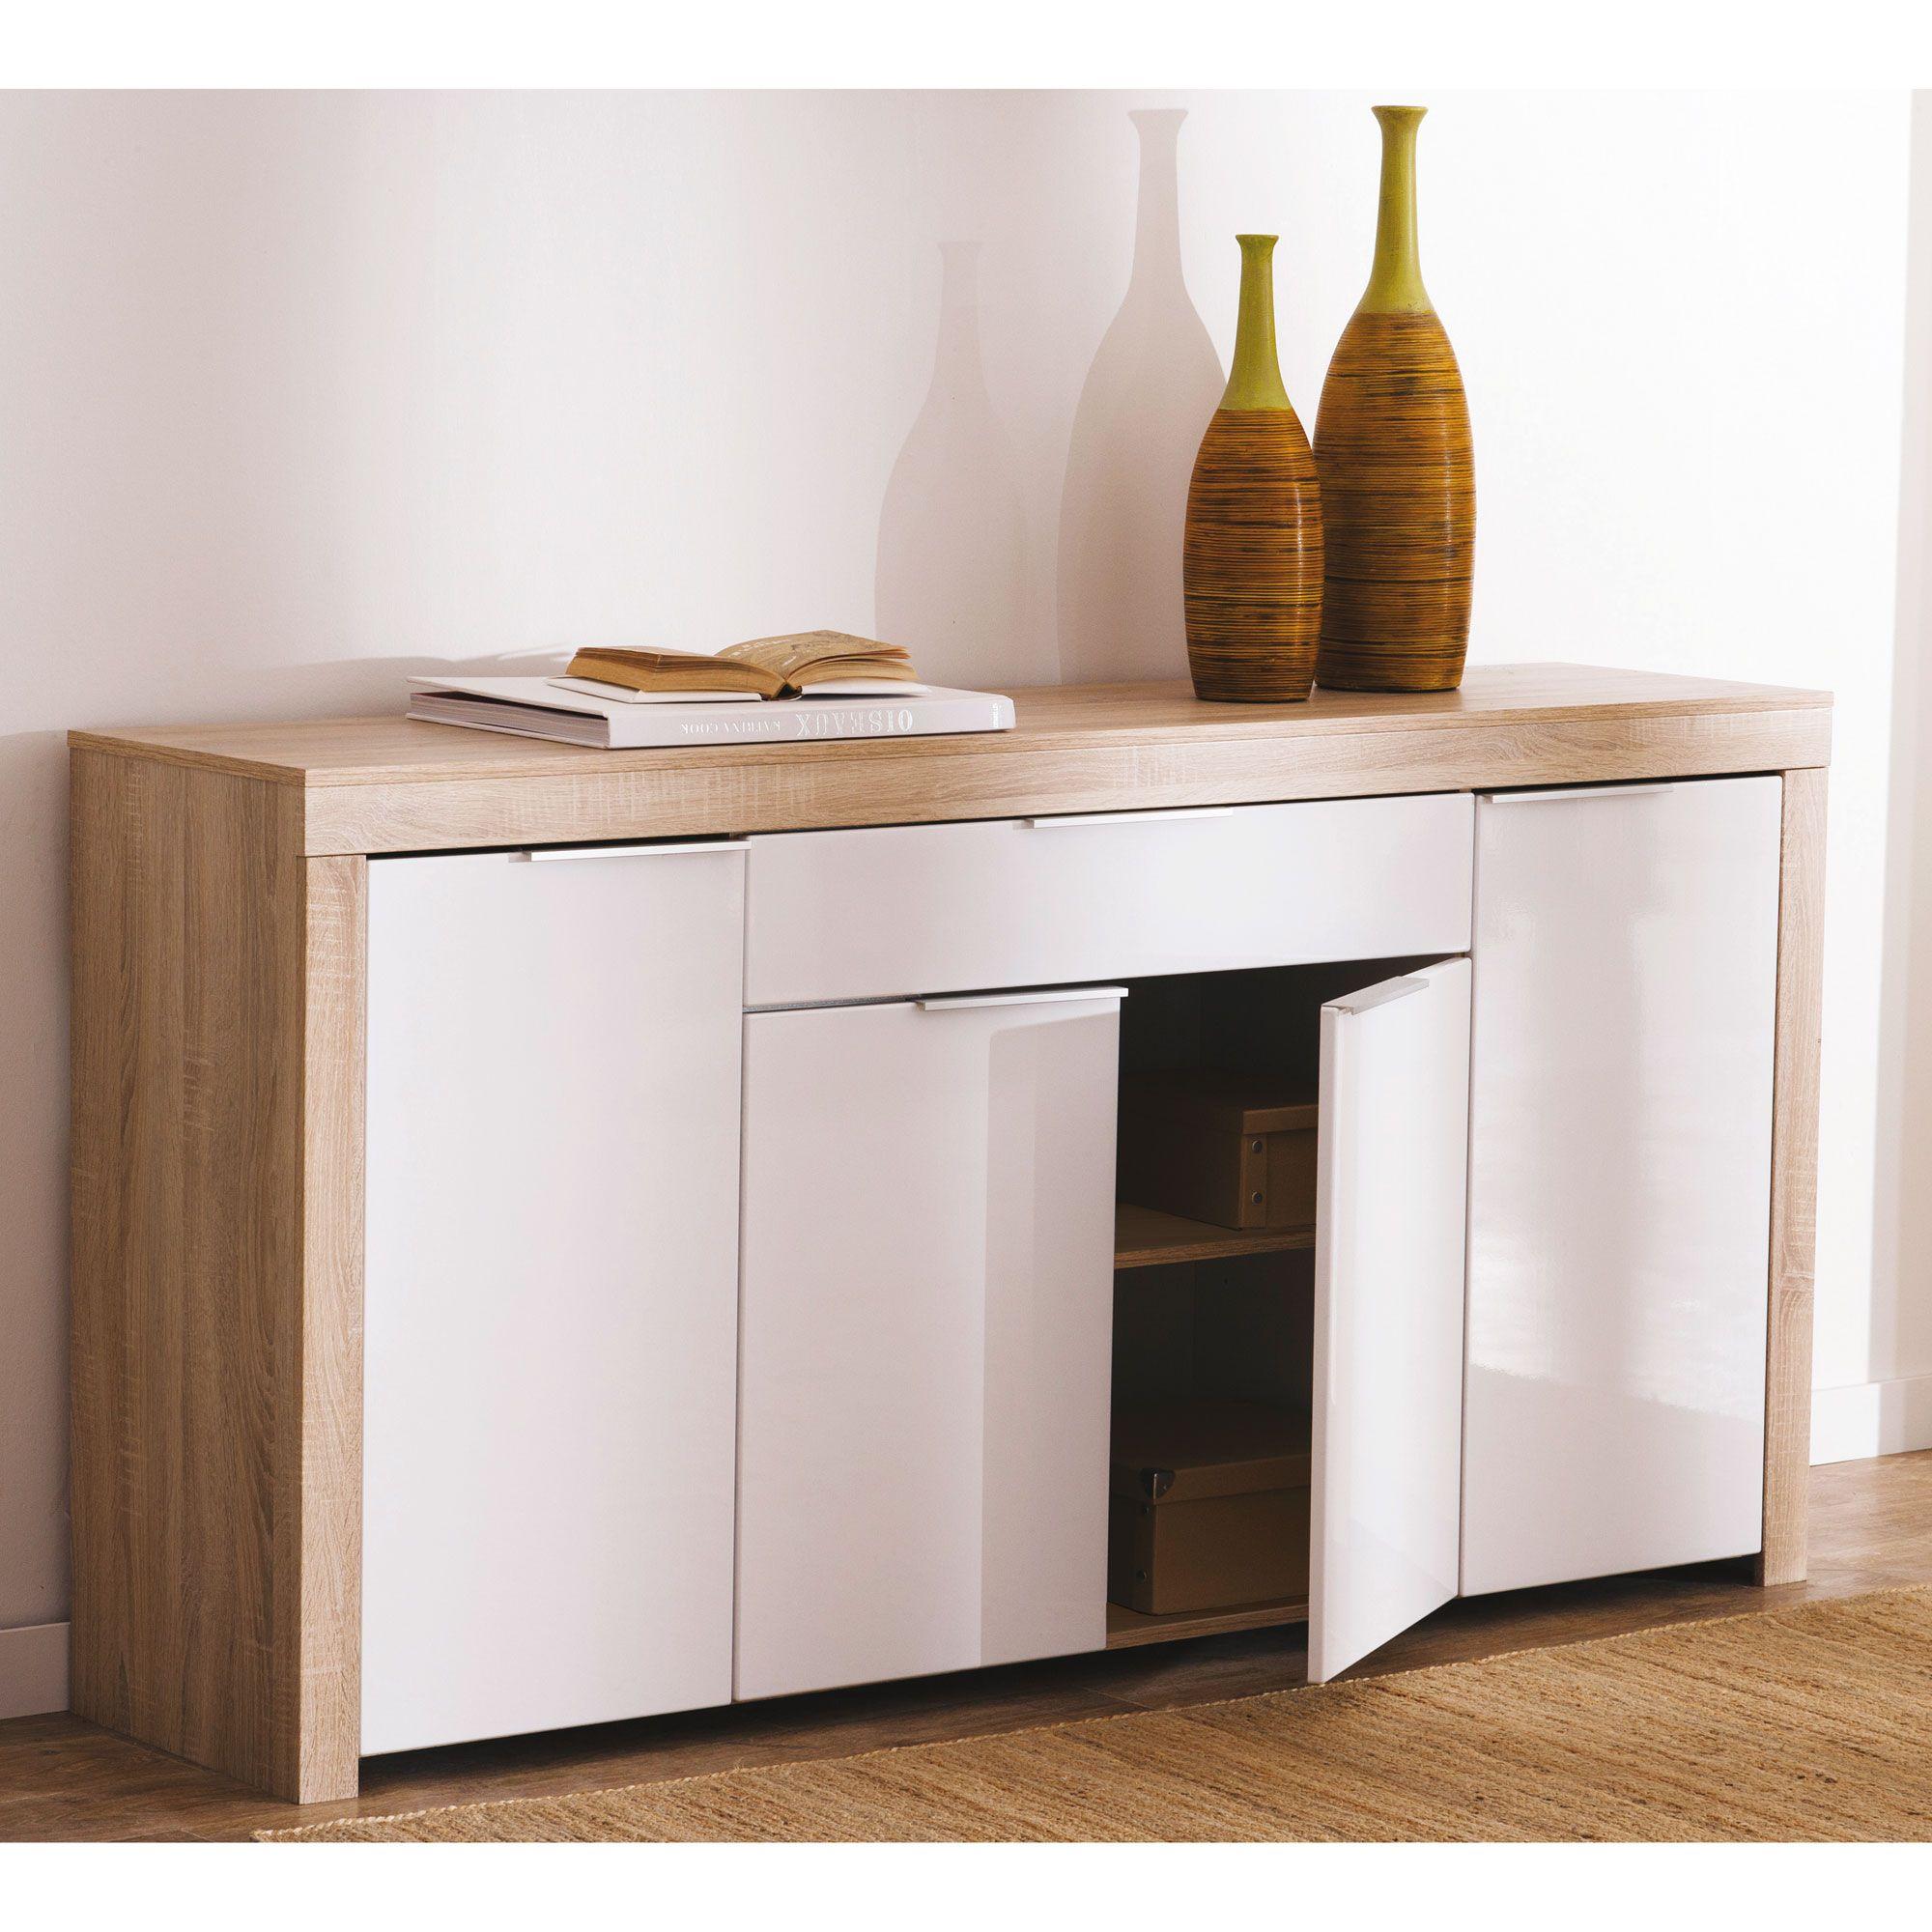 Buffet Bas 4 Portes 1 Tiroir Blanc Et Bois L177 2 Cm Naxis  # Modeles De Buffet Bas Blanc Laque Design